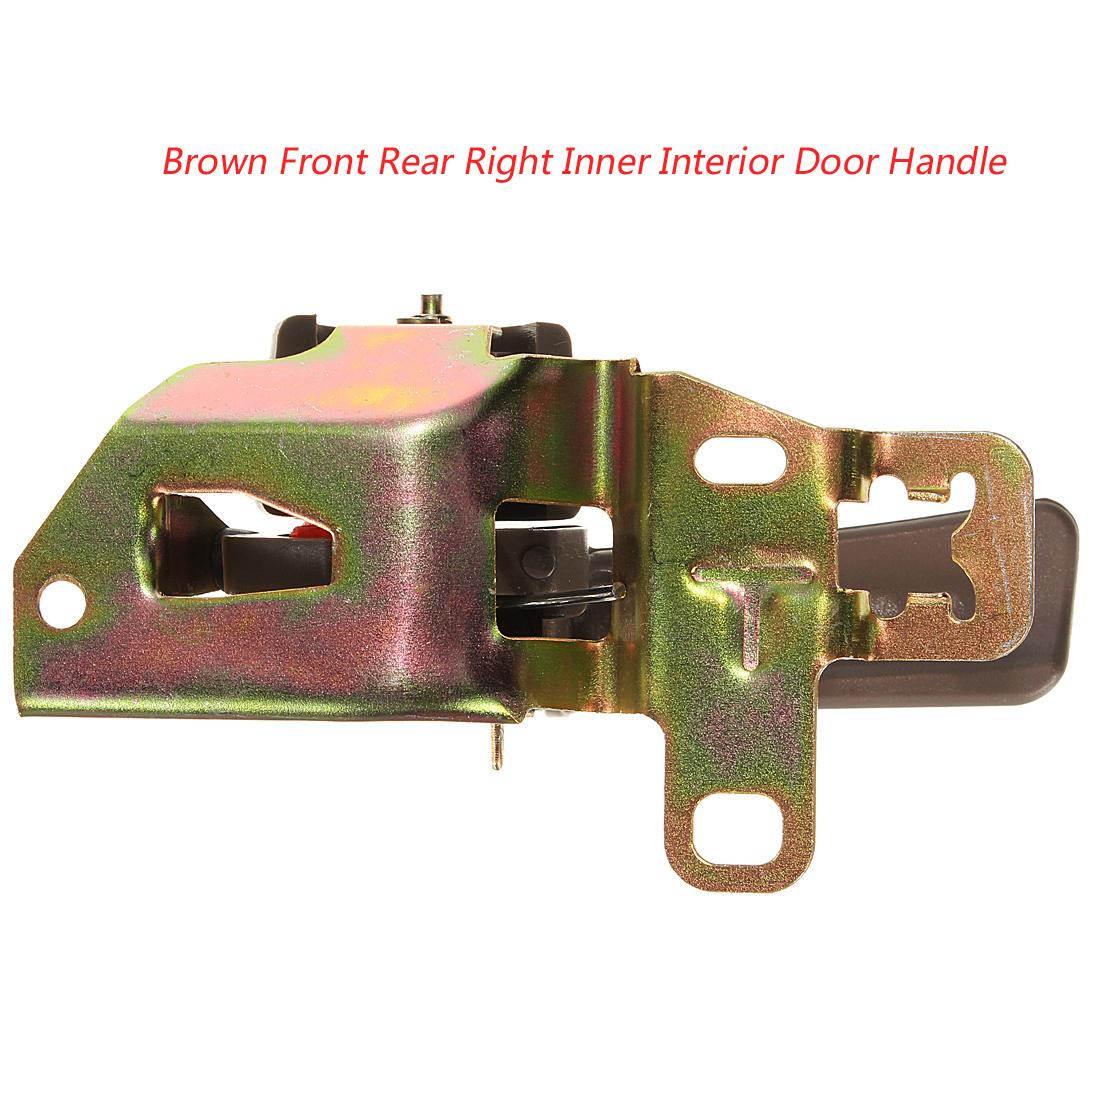 Buy brown front rear right inner interior door handle for for Front door handles new zealand